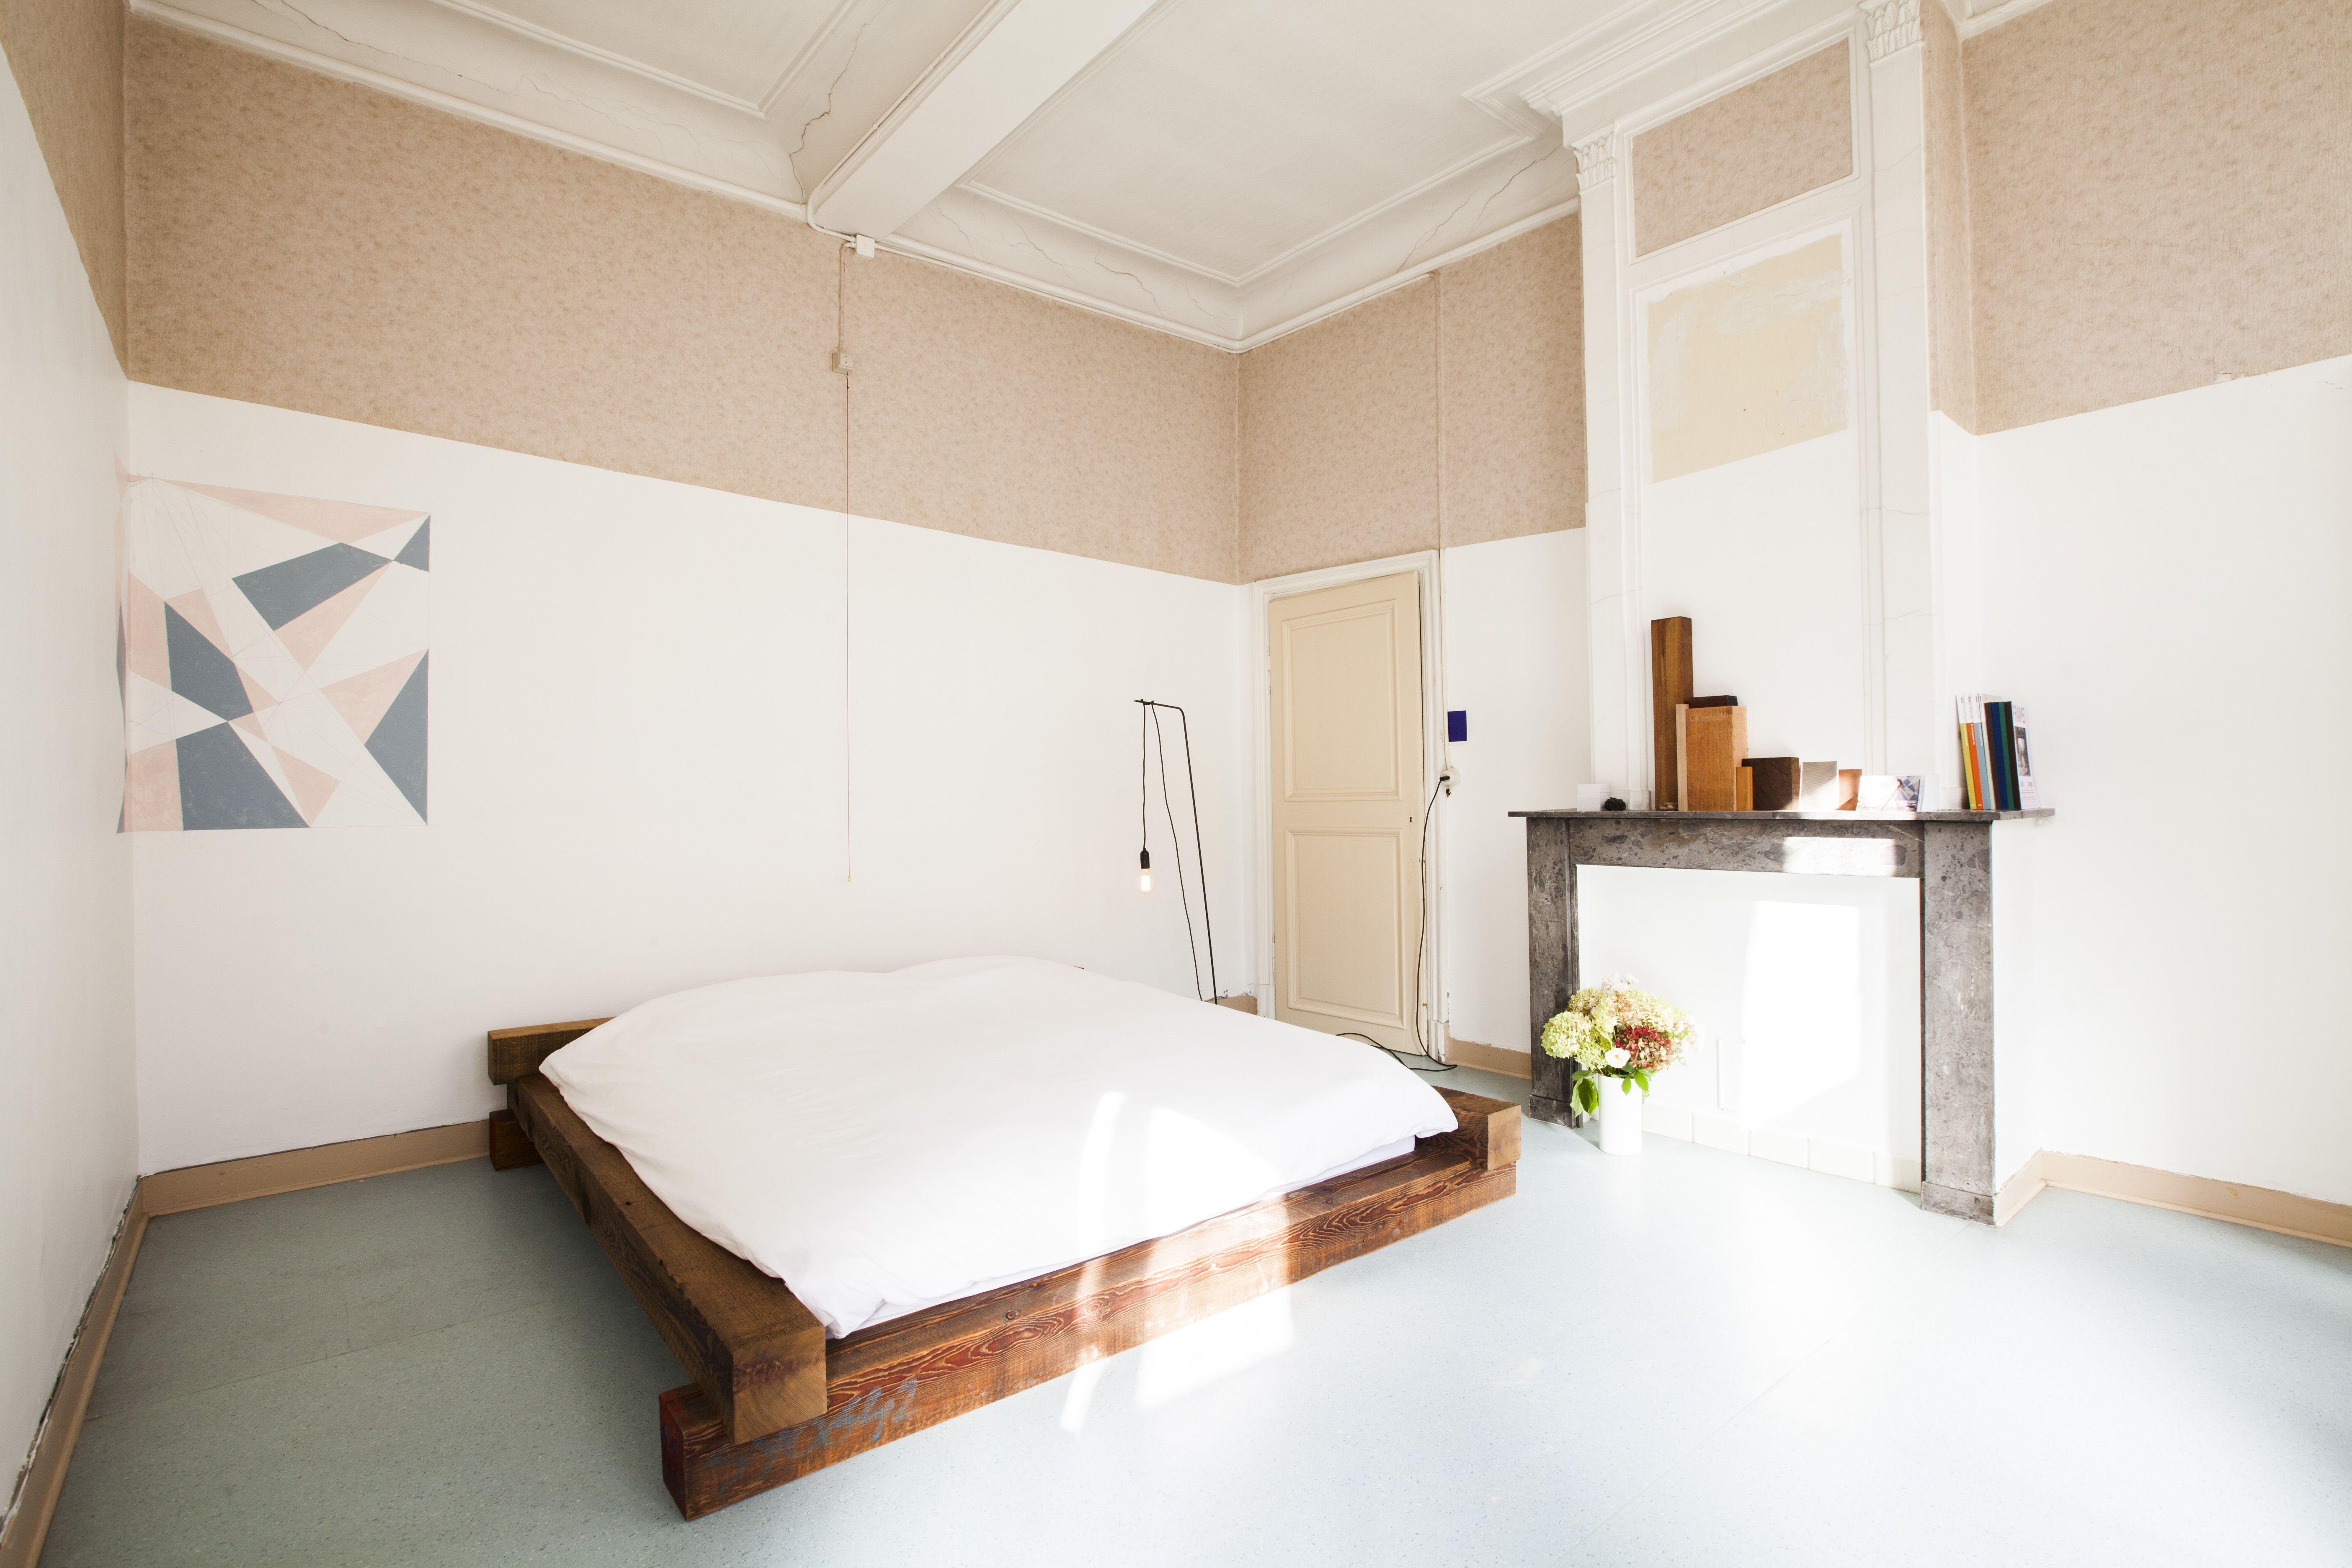 Biennale Interieur - Vormen